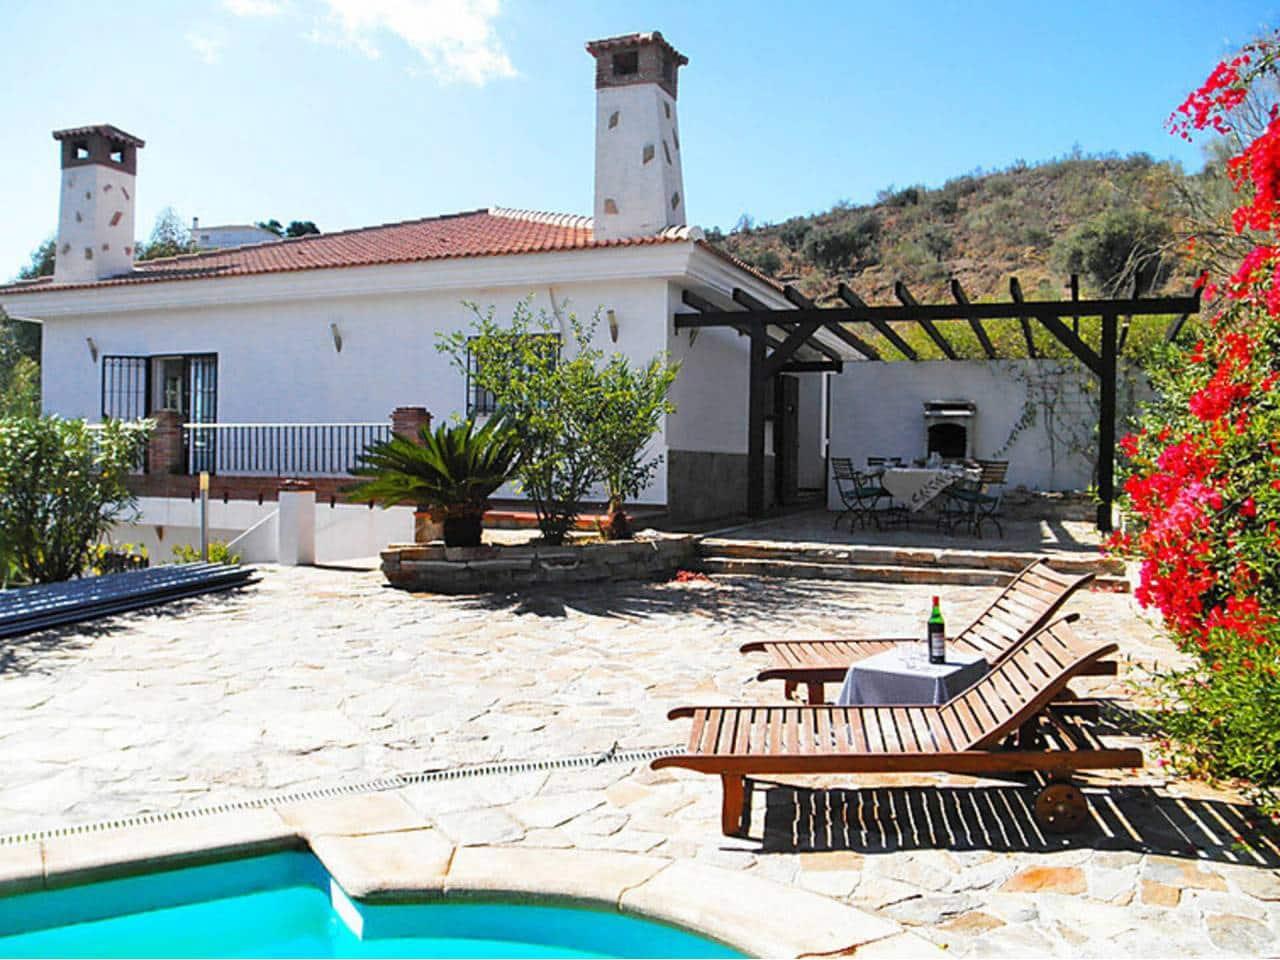 Chalet de 3 habitaciones en Macharaviaya en alquiler vacacional con piscina - 1.190 € (Ref: 5906003)